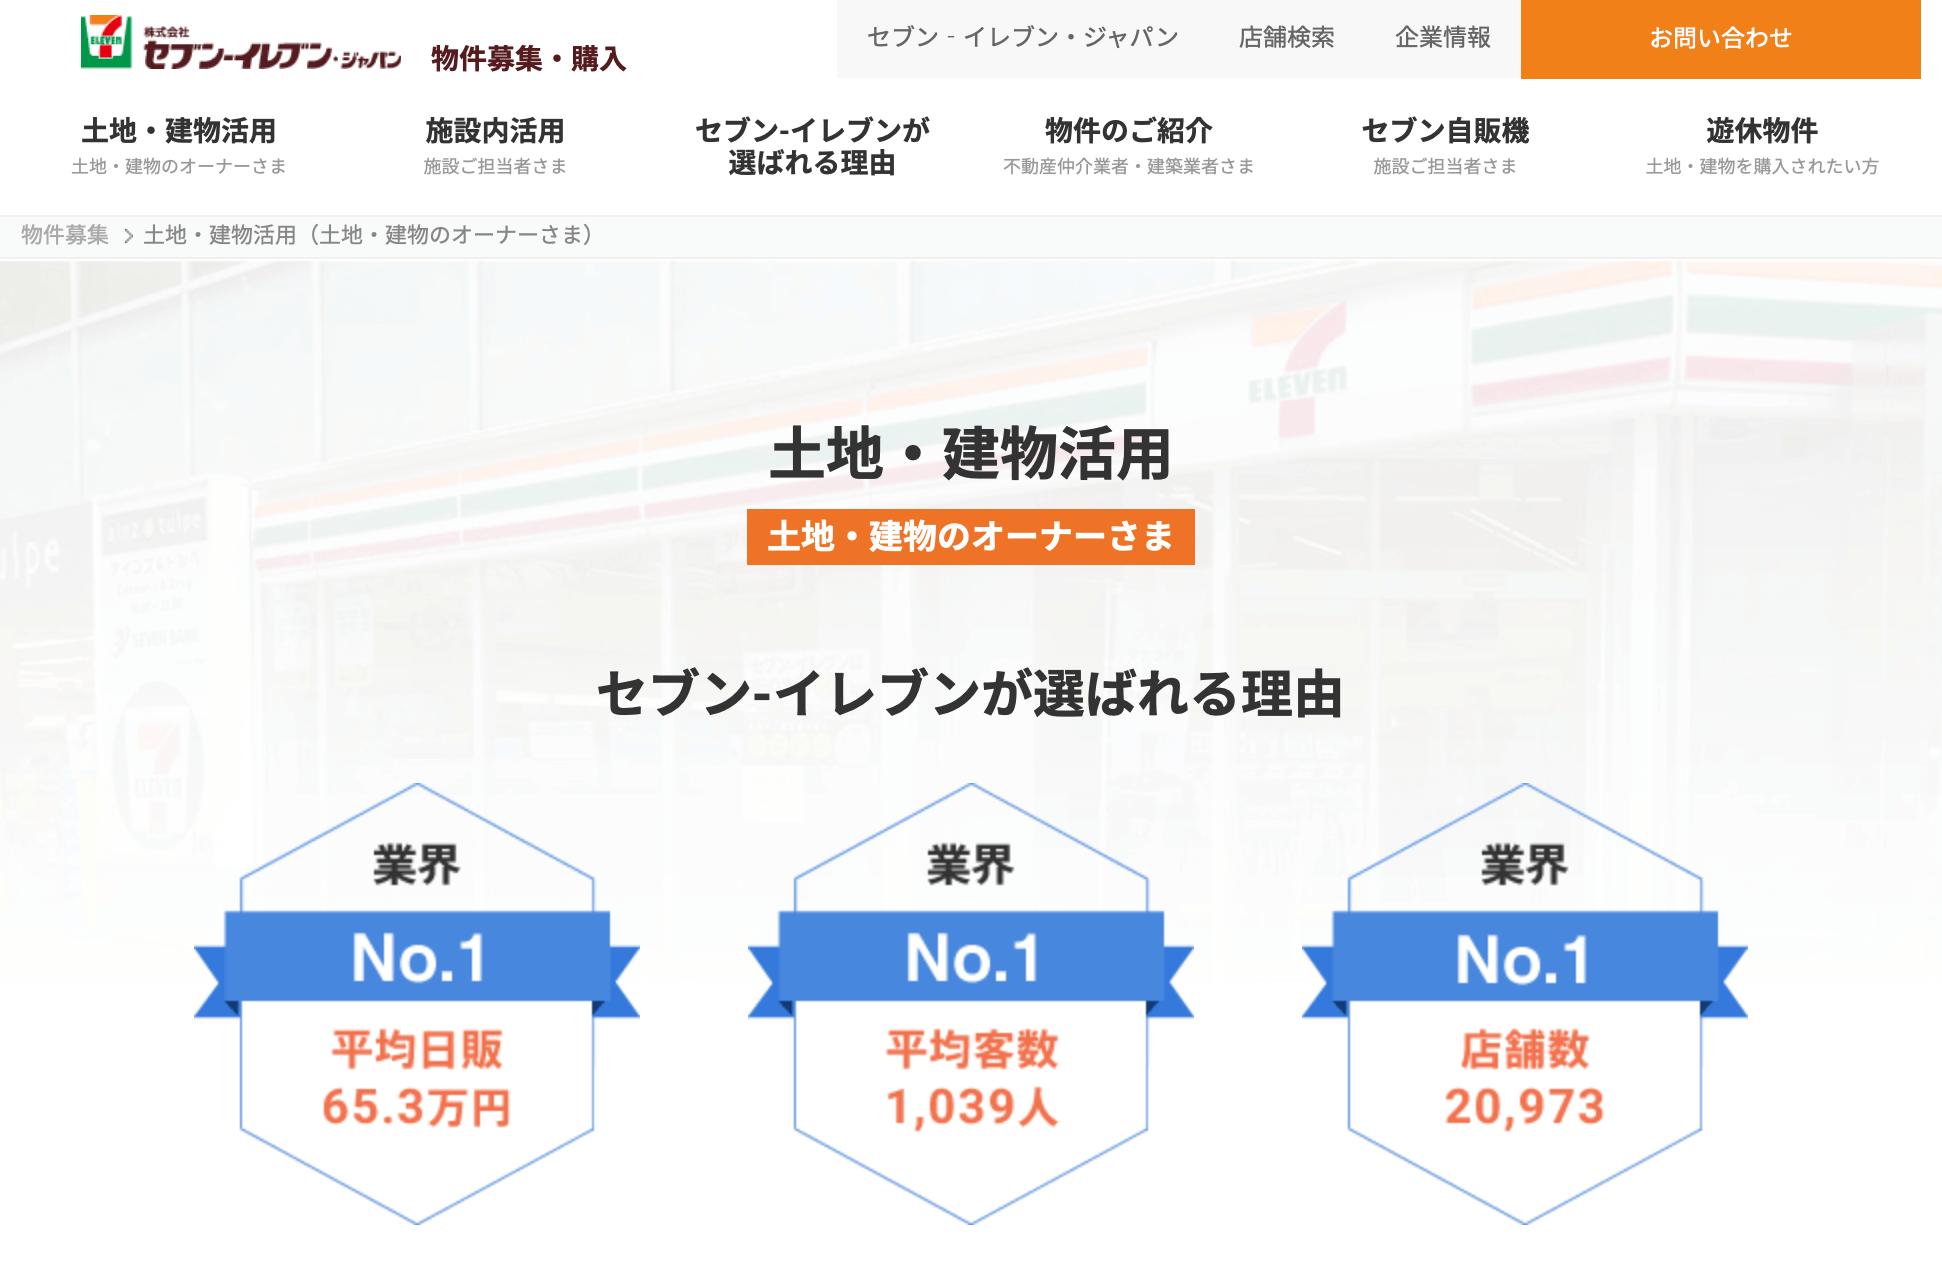 株式会社セブンイレブンジャパン「コンビニ出店」